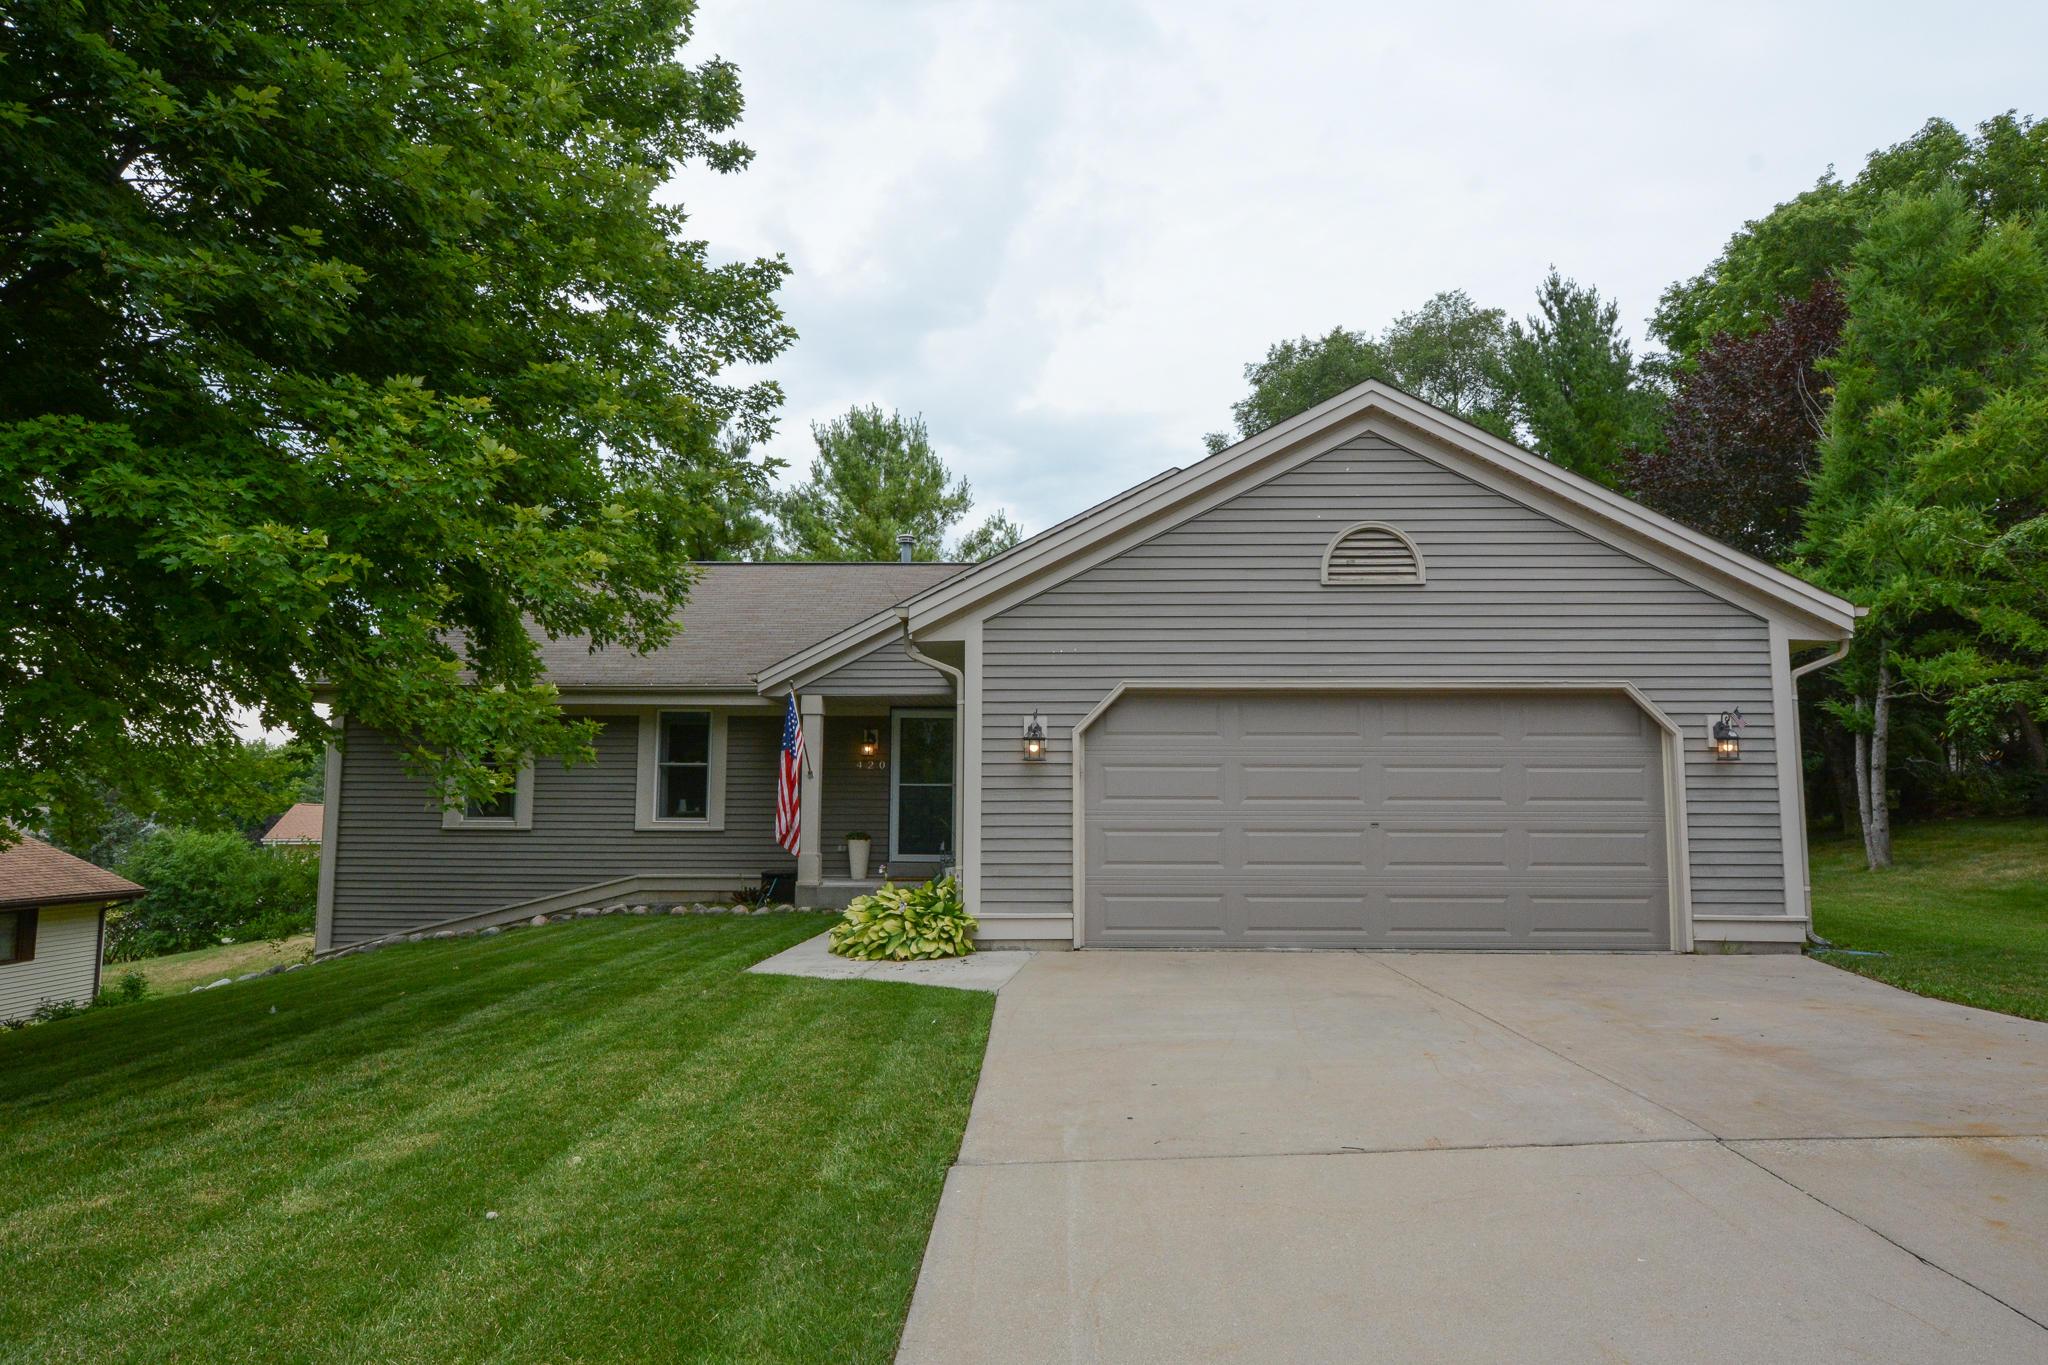 420 Lindenwood Dr, Hartland, Wisconsin 53029, 3 Bedrooms Bedrooms, 8 Rooms Rooms,2 BathroomsBathrooms,Single-Family,For Sale,Lindenwood Dr,1699178